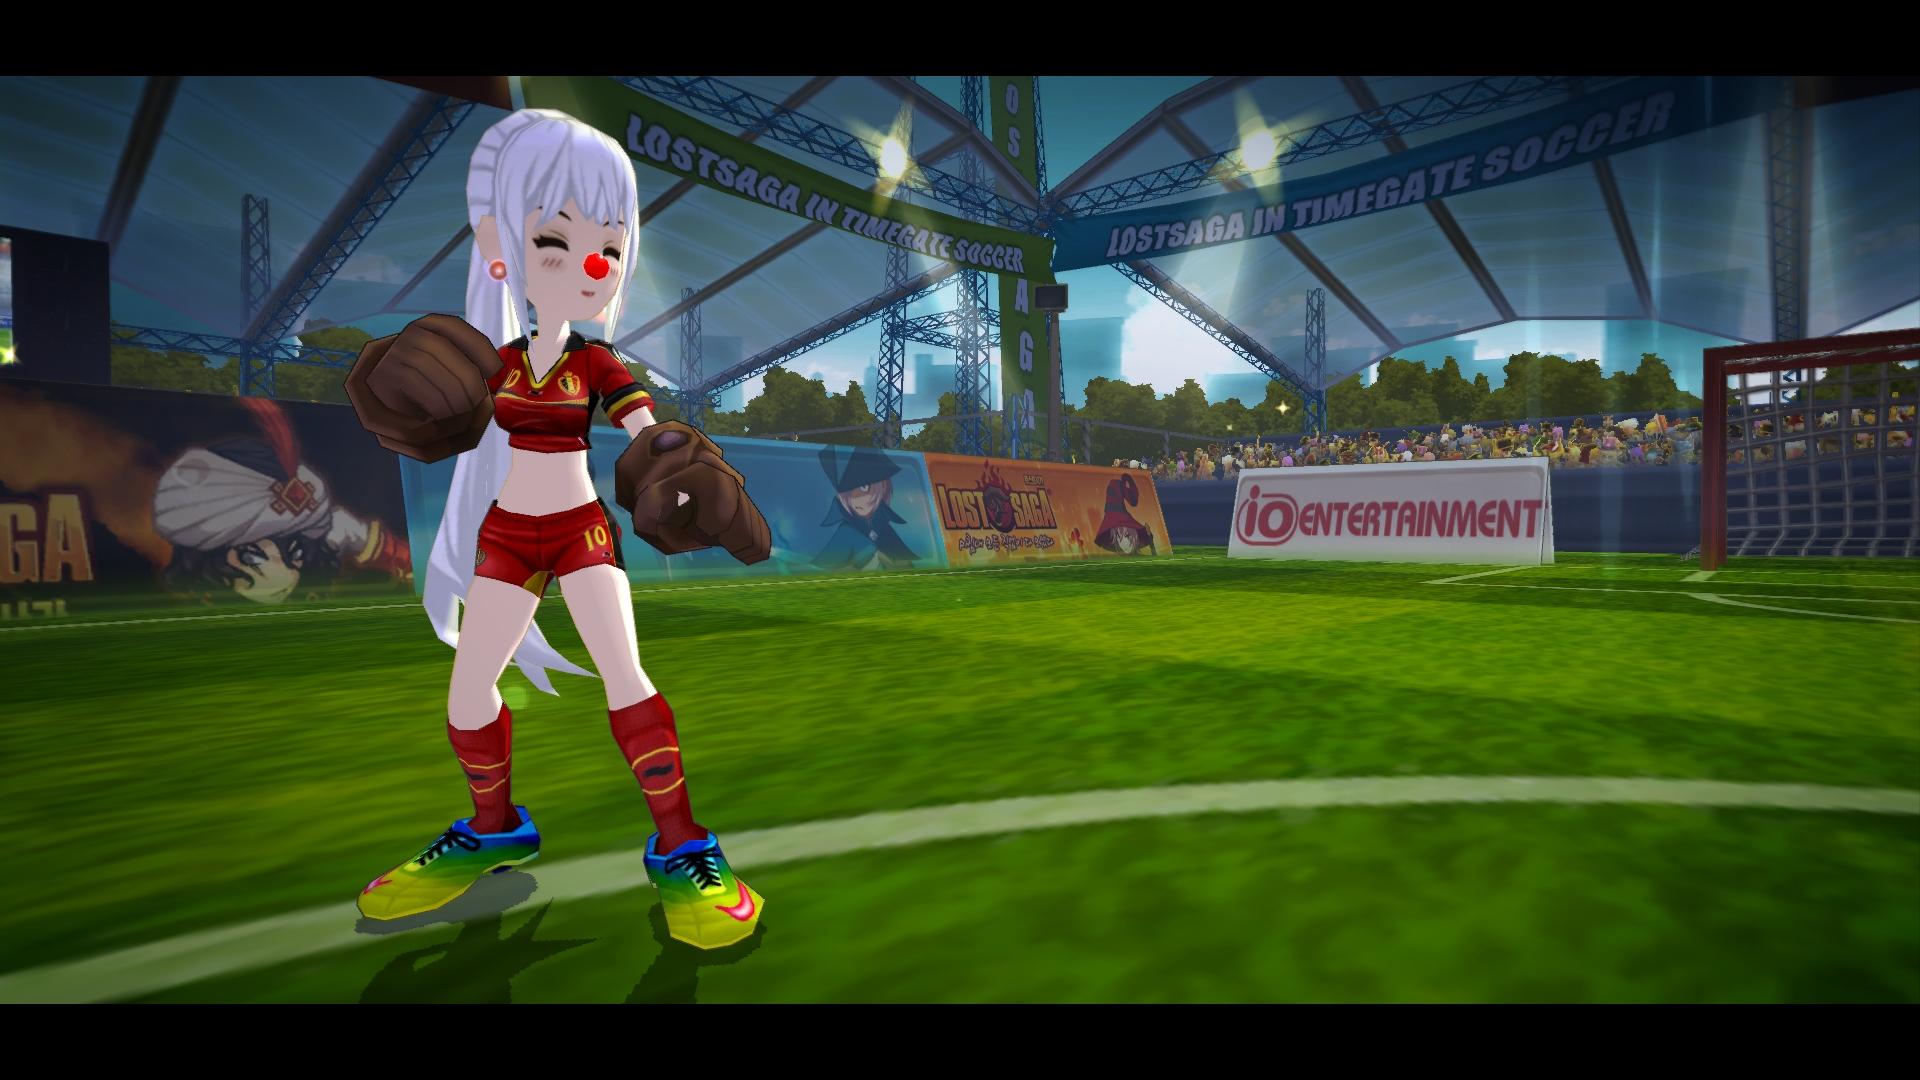 [길드스킨] '벨기에' 길드 축구복 (2014 브라질 월드컵)